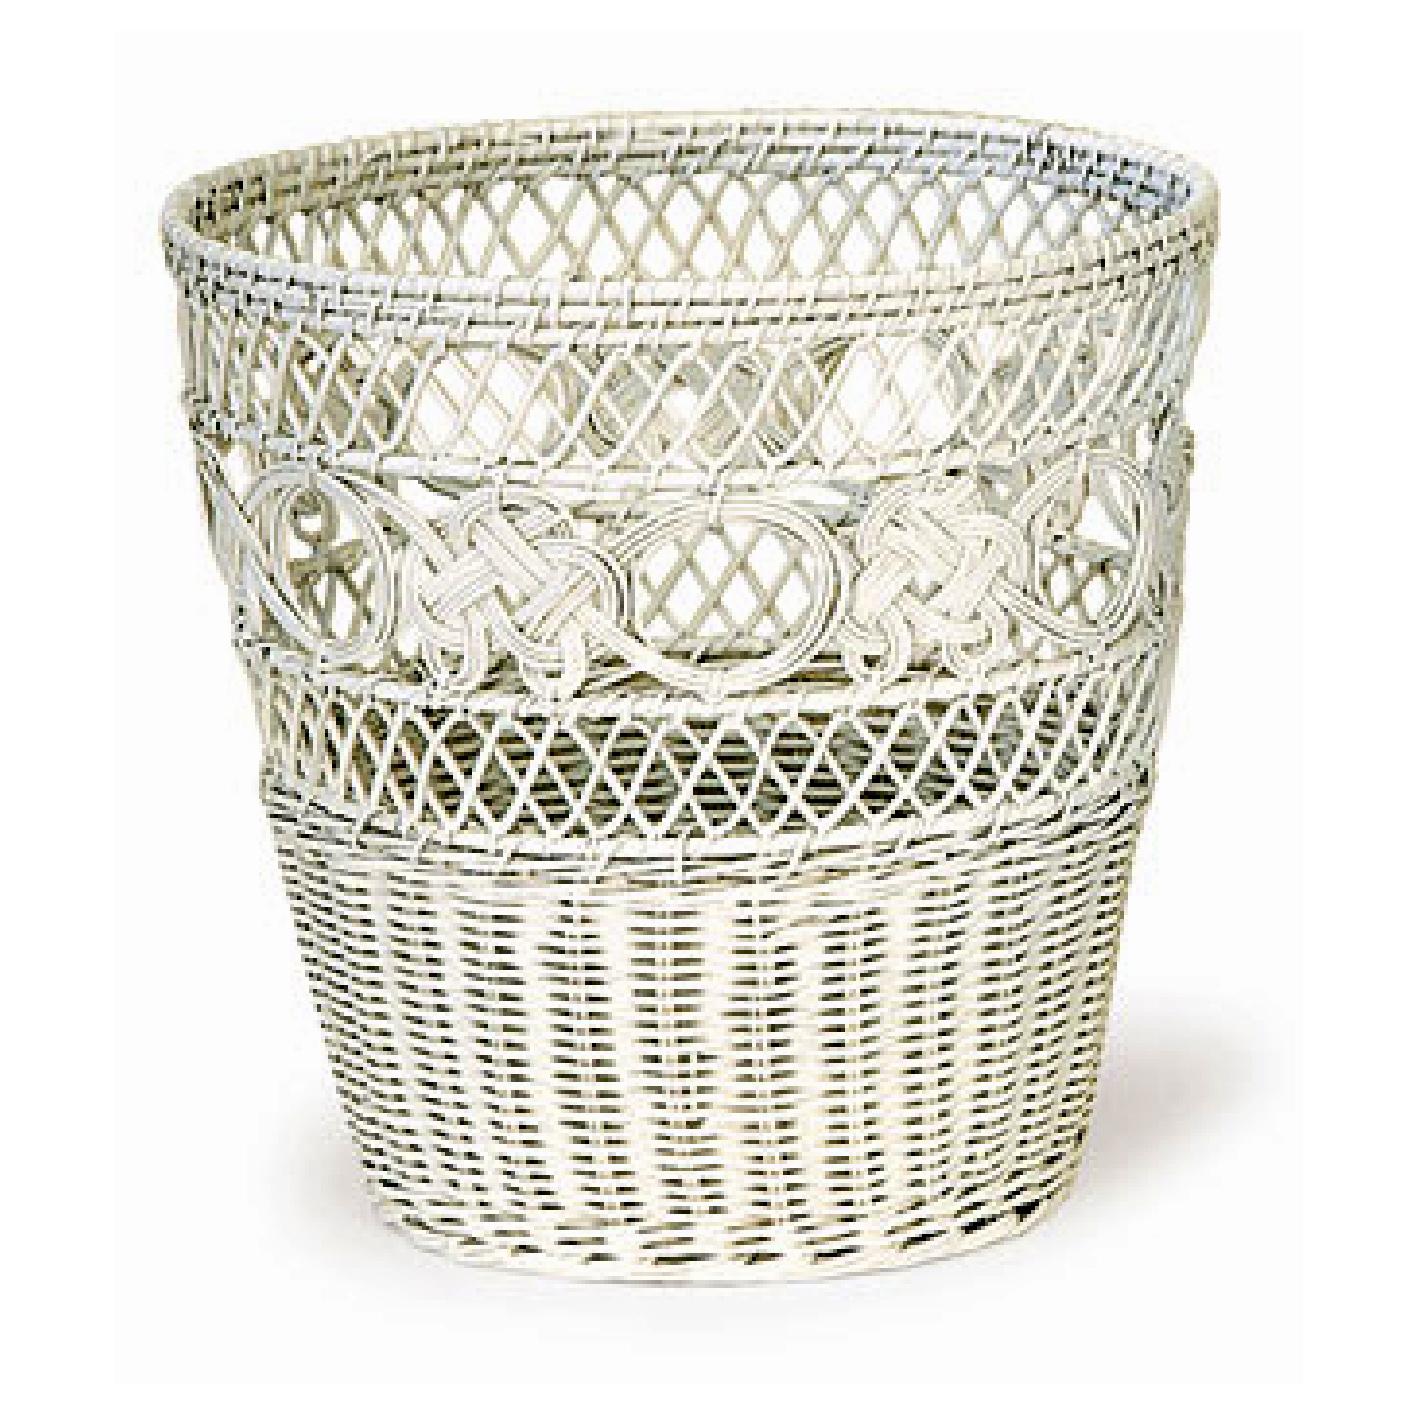 Rattan Round Waste Basket